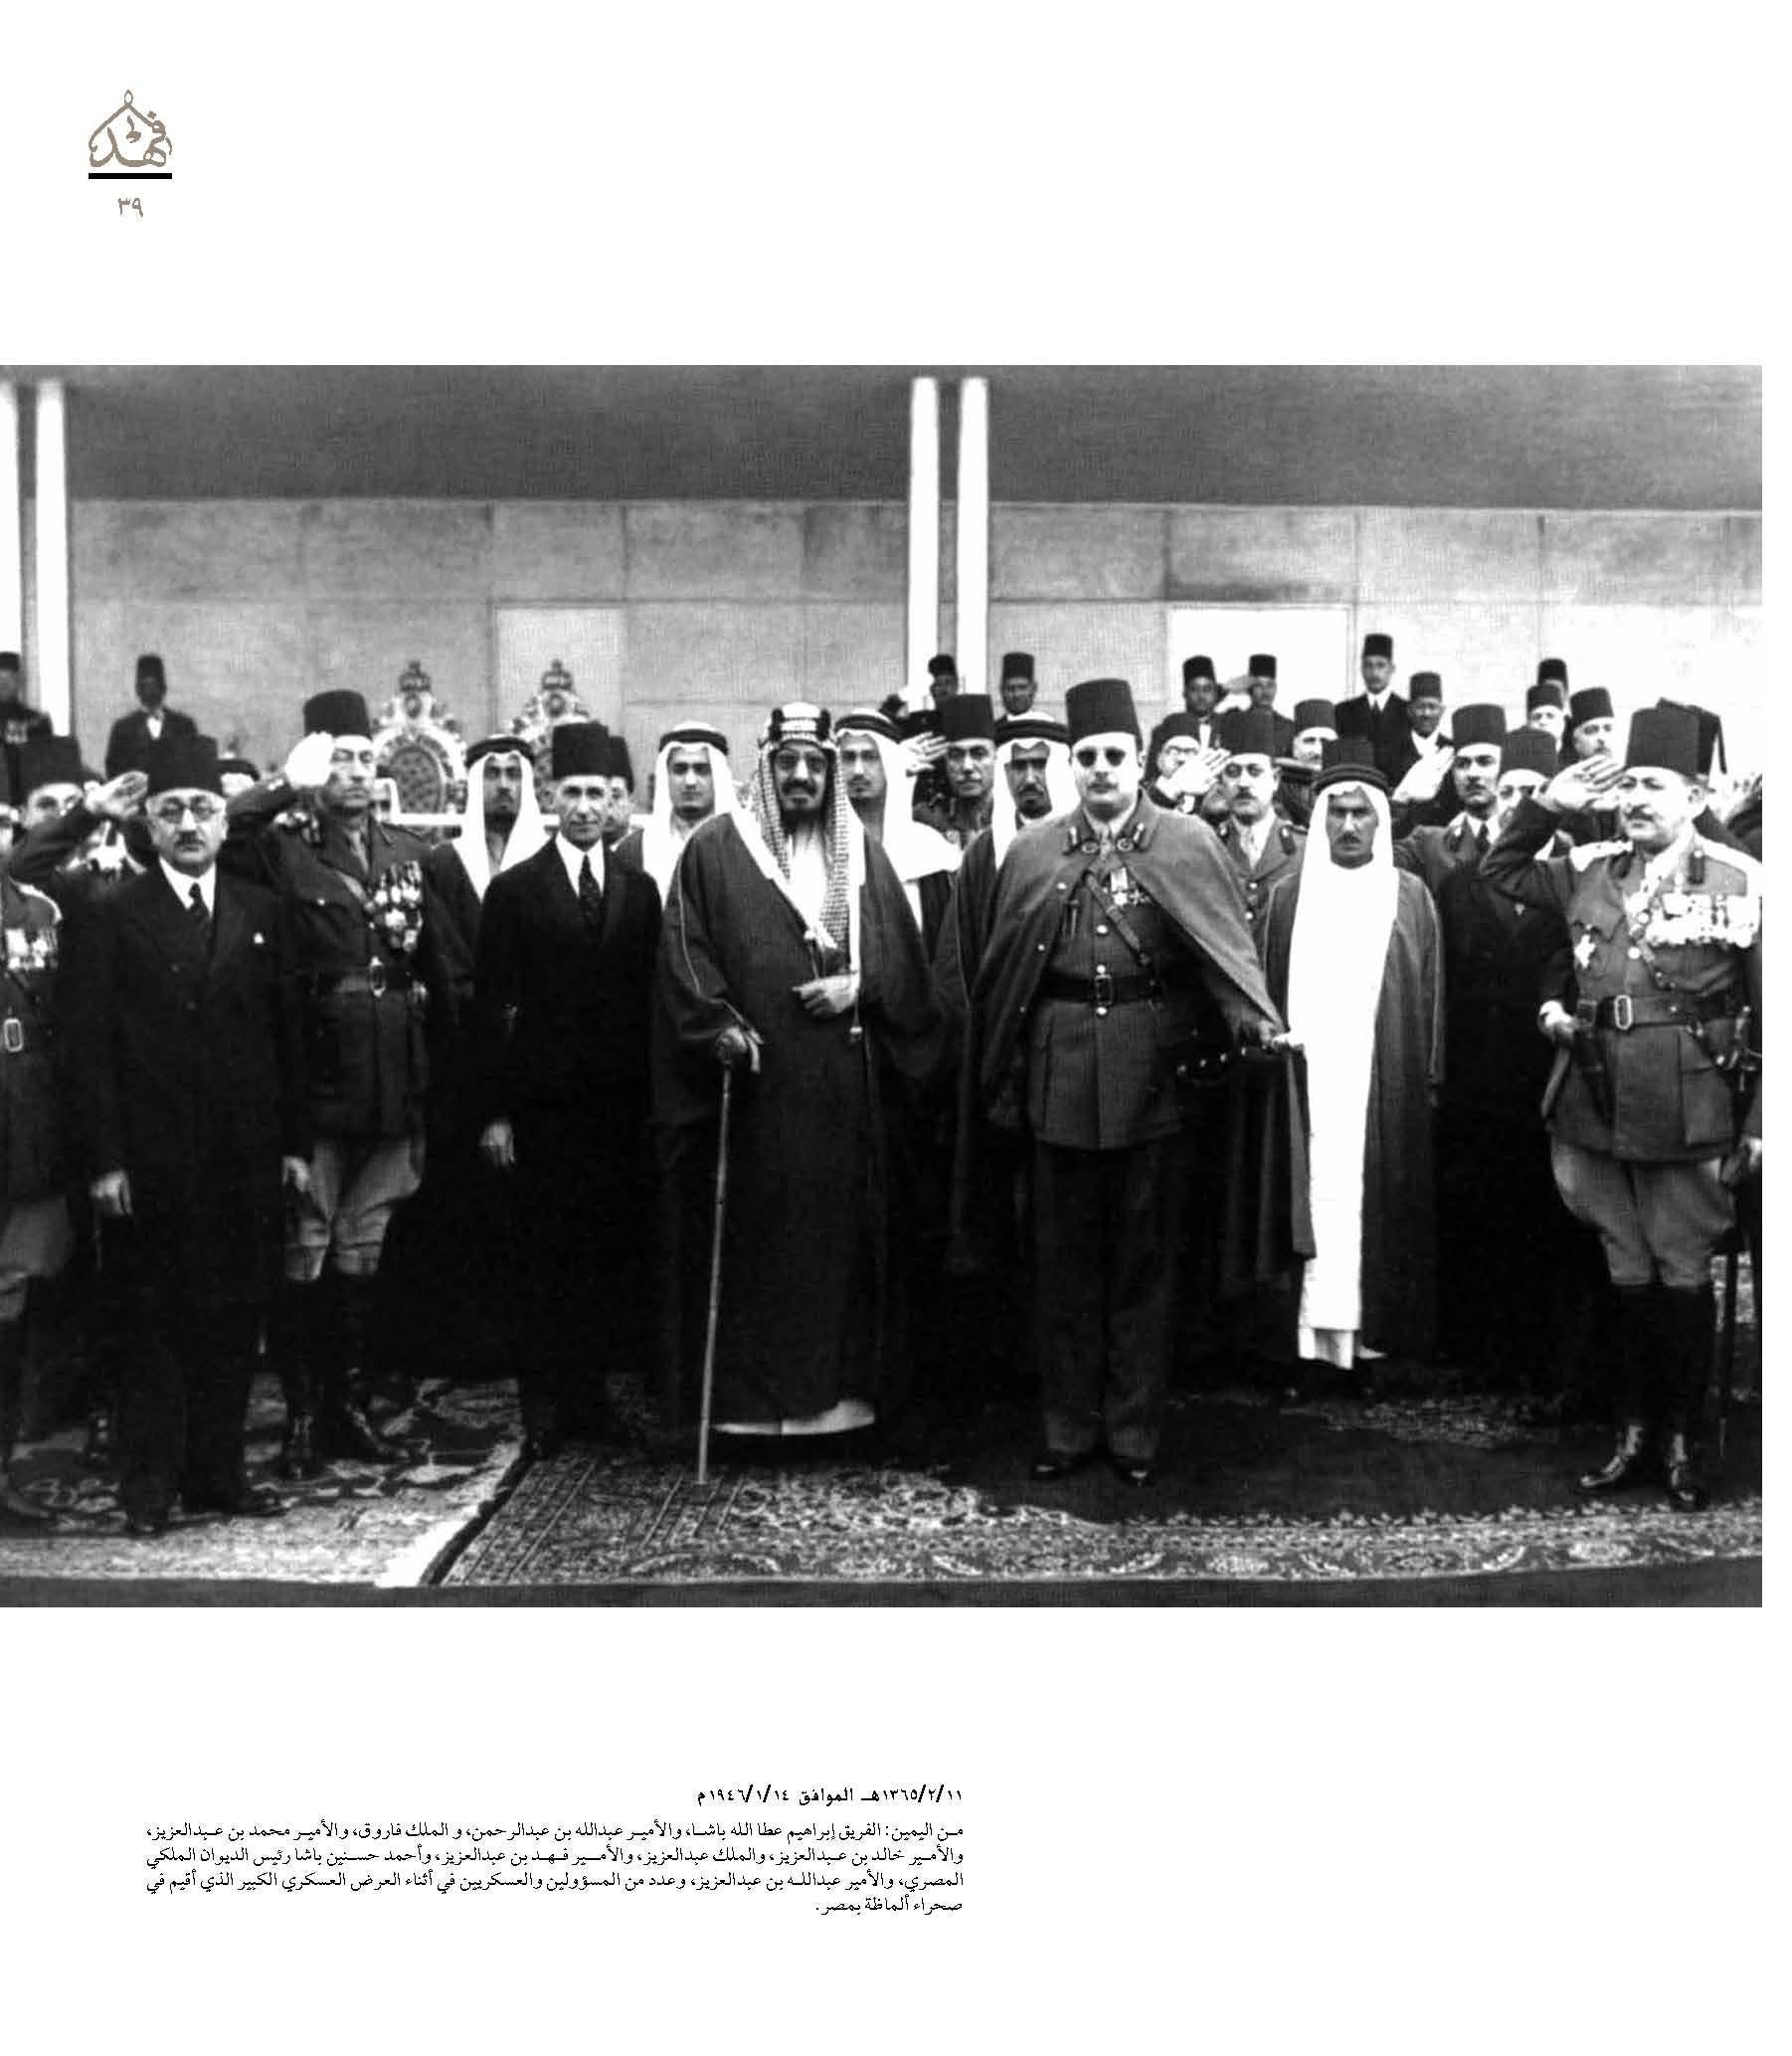 """صور نادرة للملك فهد في """"كتاب"""" 9110fb80-4836-4aa2-9b1d-ebcb7aa672ce"""